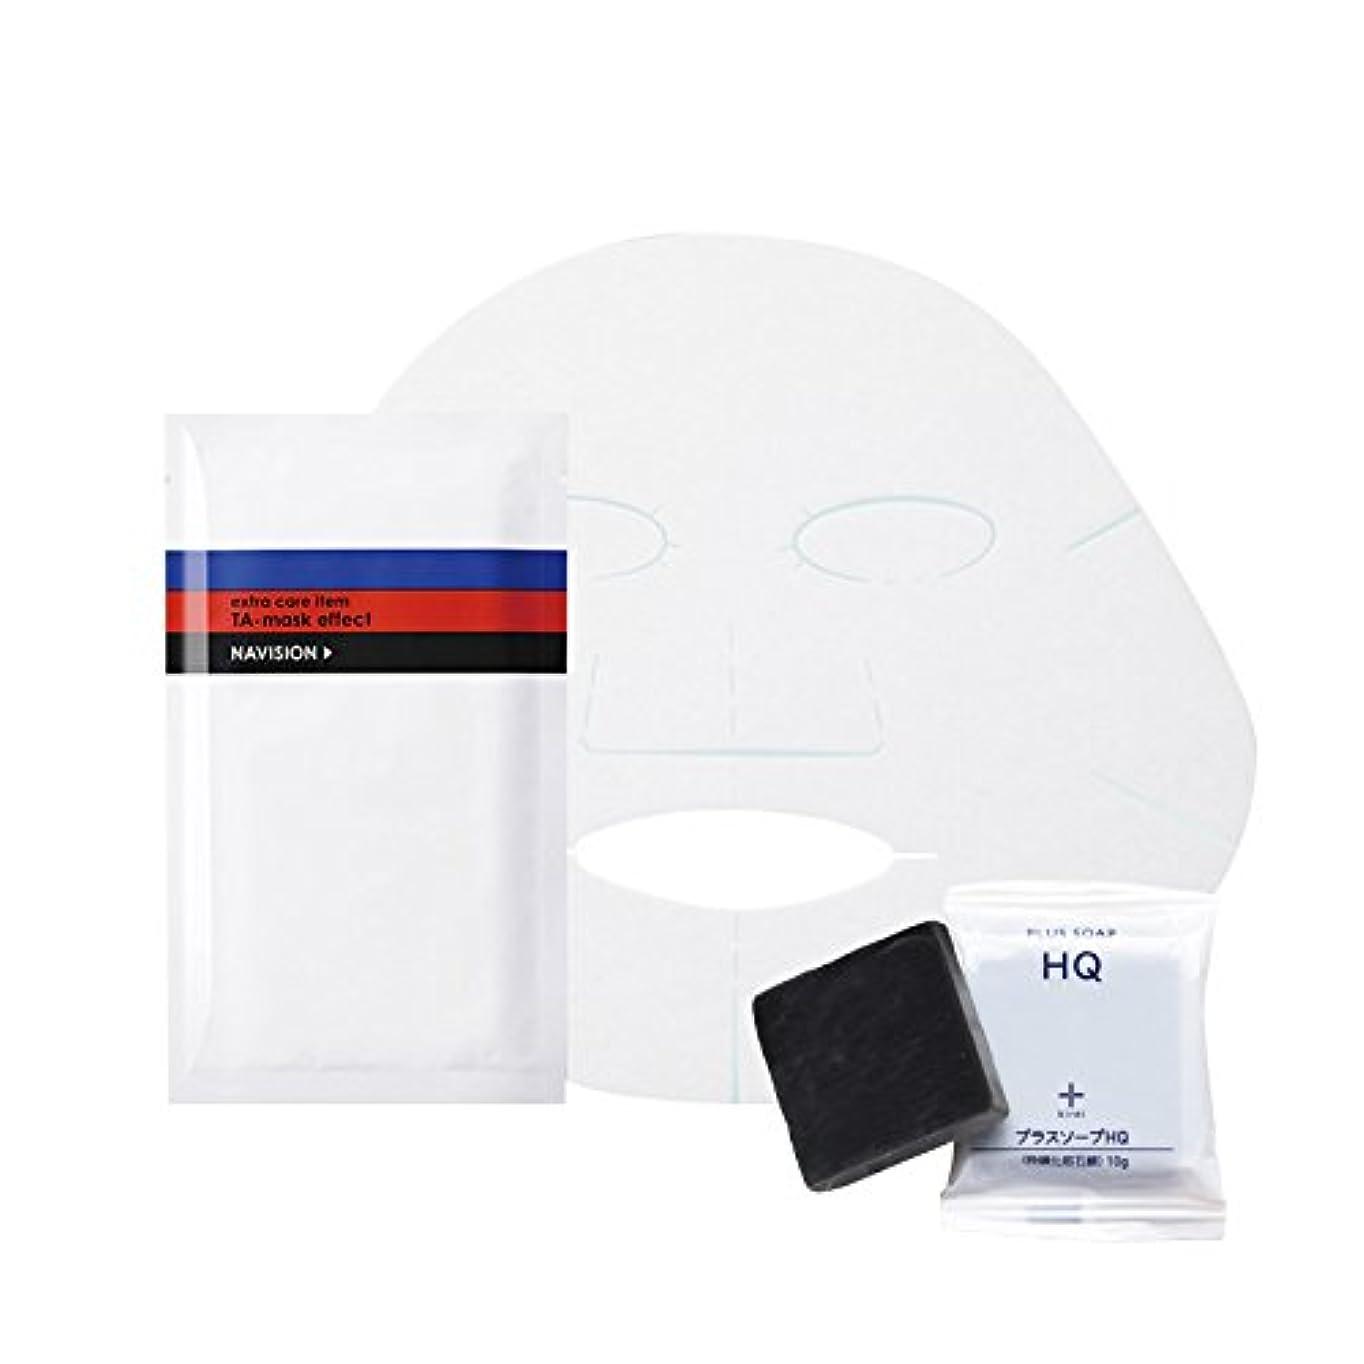 血色の良いシステムベジタリアンナビジョン NAVISION TAマスクエフェクト 18mL×5包 + プラスキレイ プラスソープHQミニ